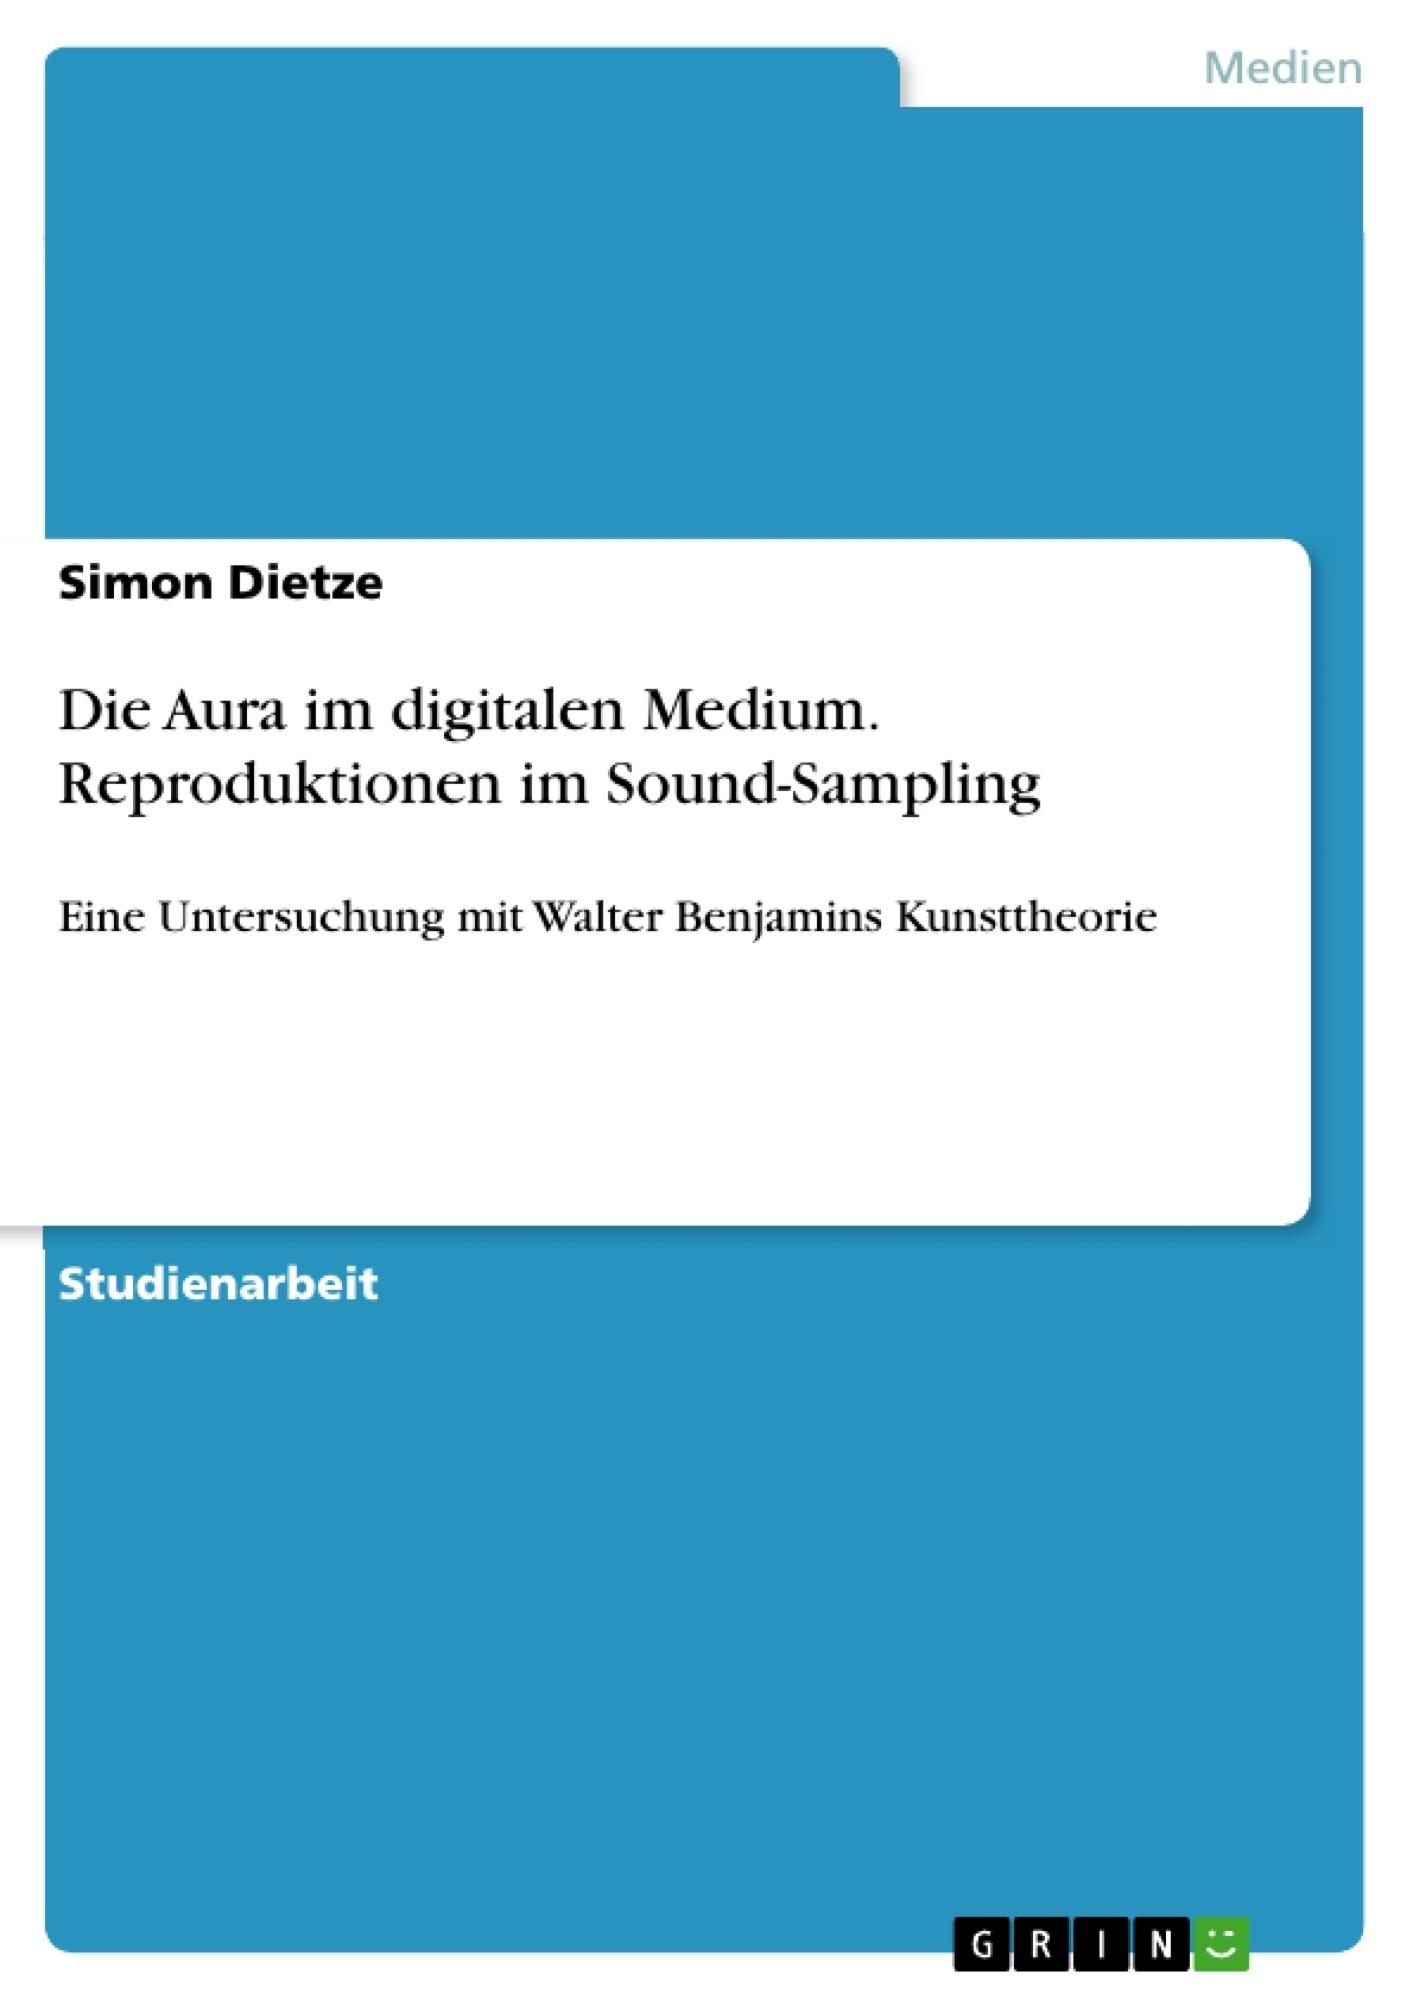 Titel: Die Aura im digitalen Medium. Reproduktionen im Sound-Sampling